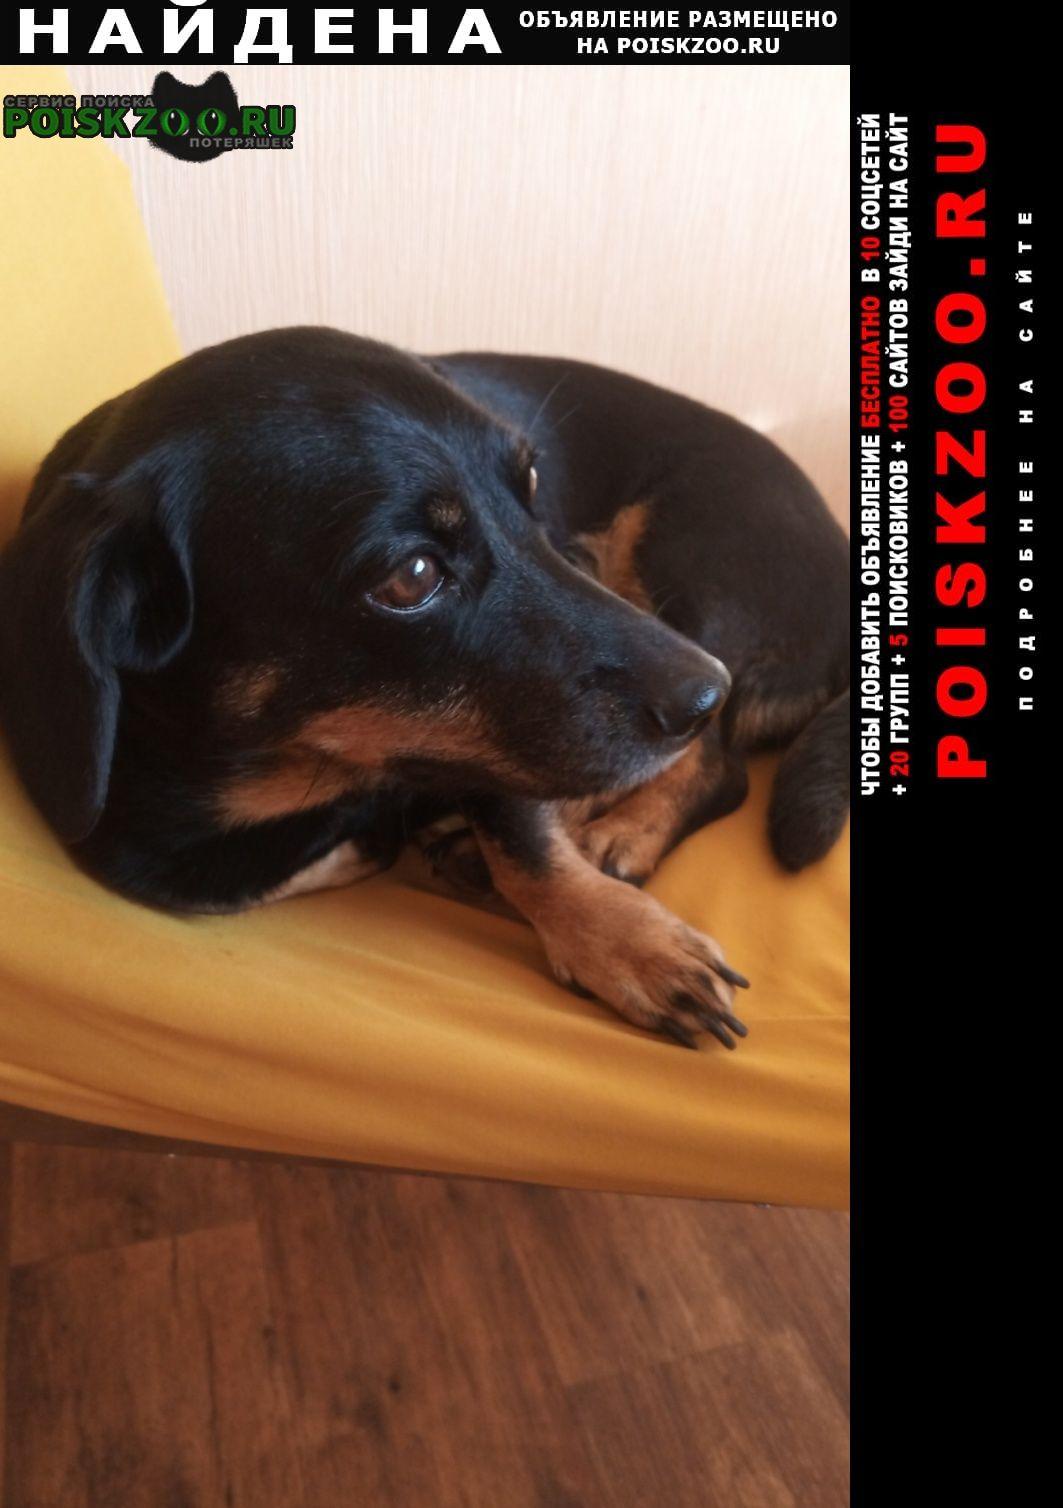 Найдена собака такса Челябинск